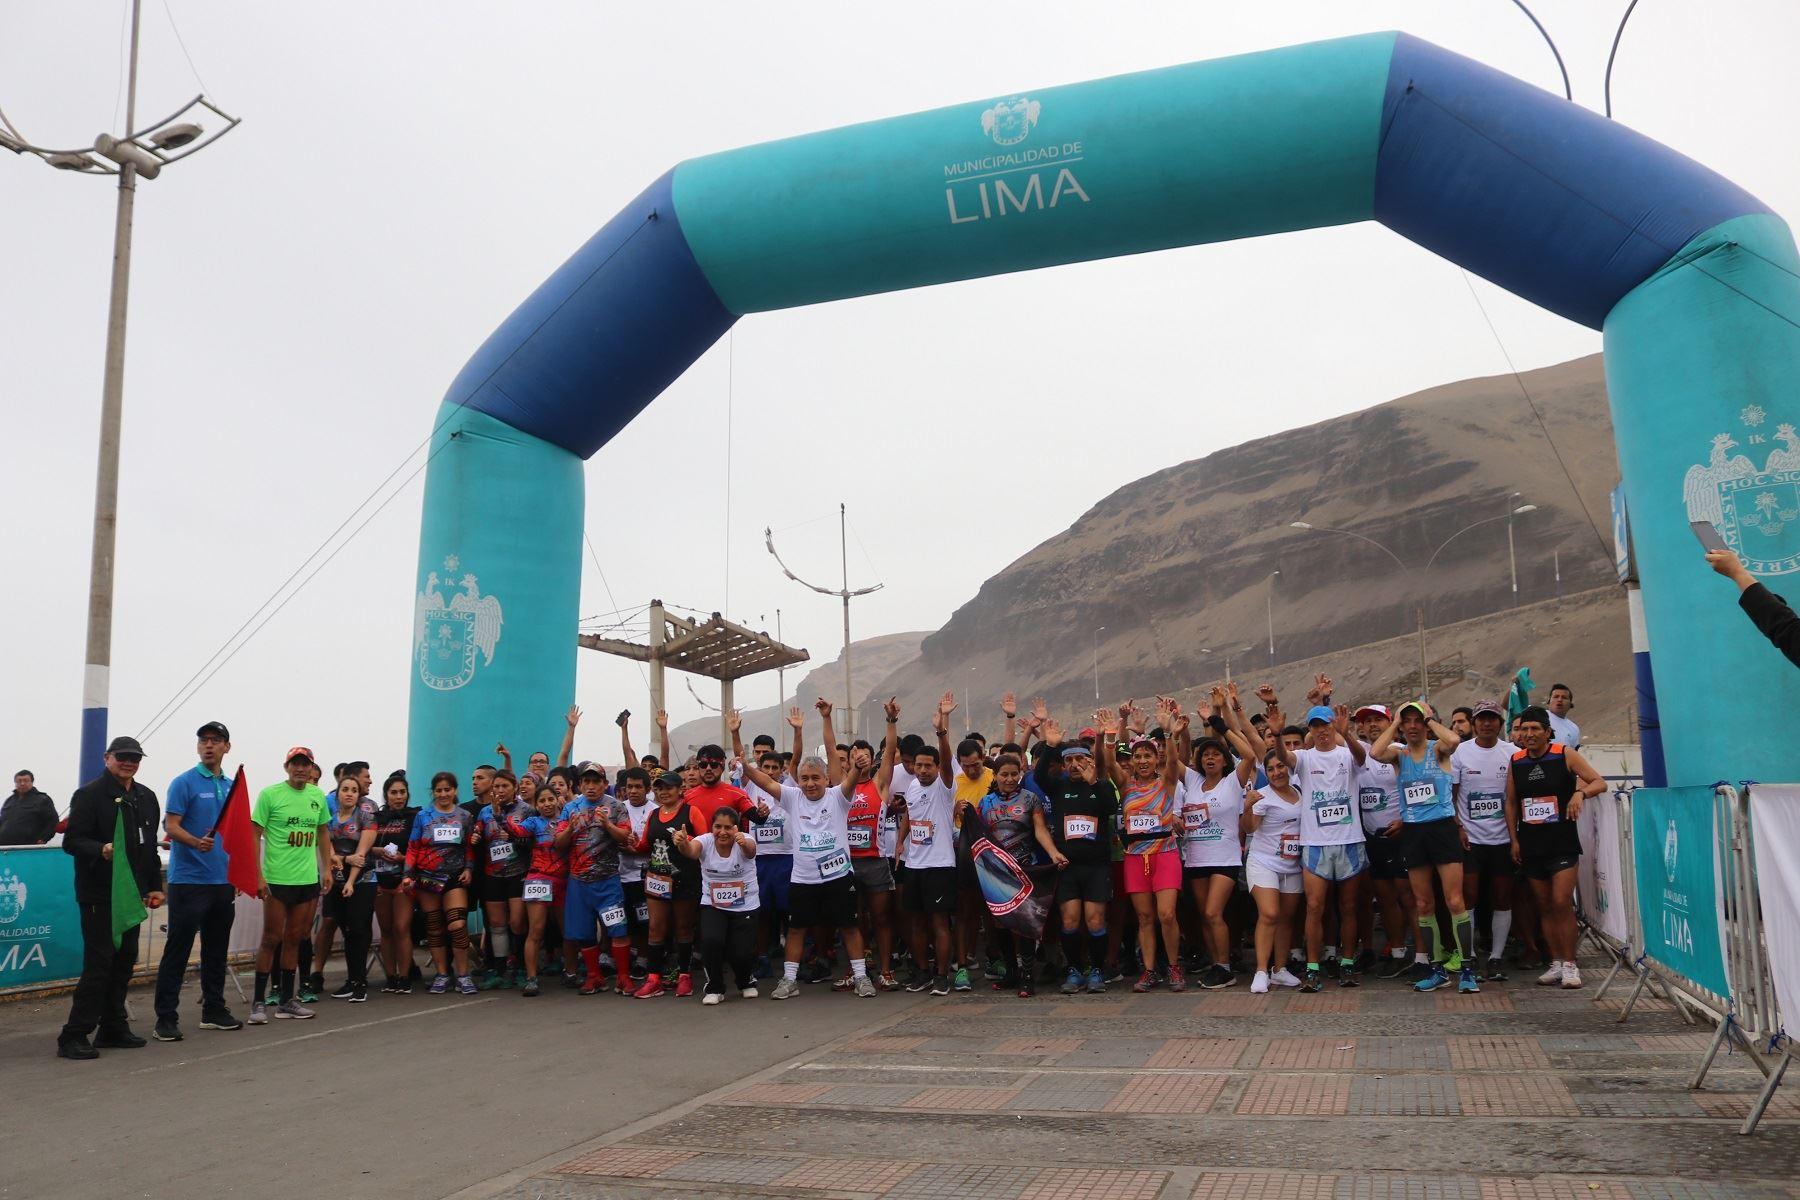 La Municipalidad de Lima organizará su décima carrera en Barranco.